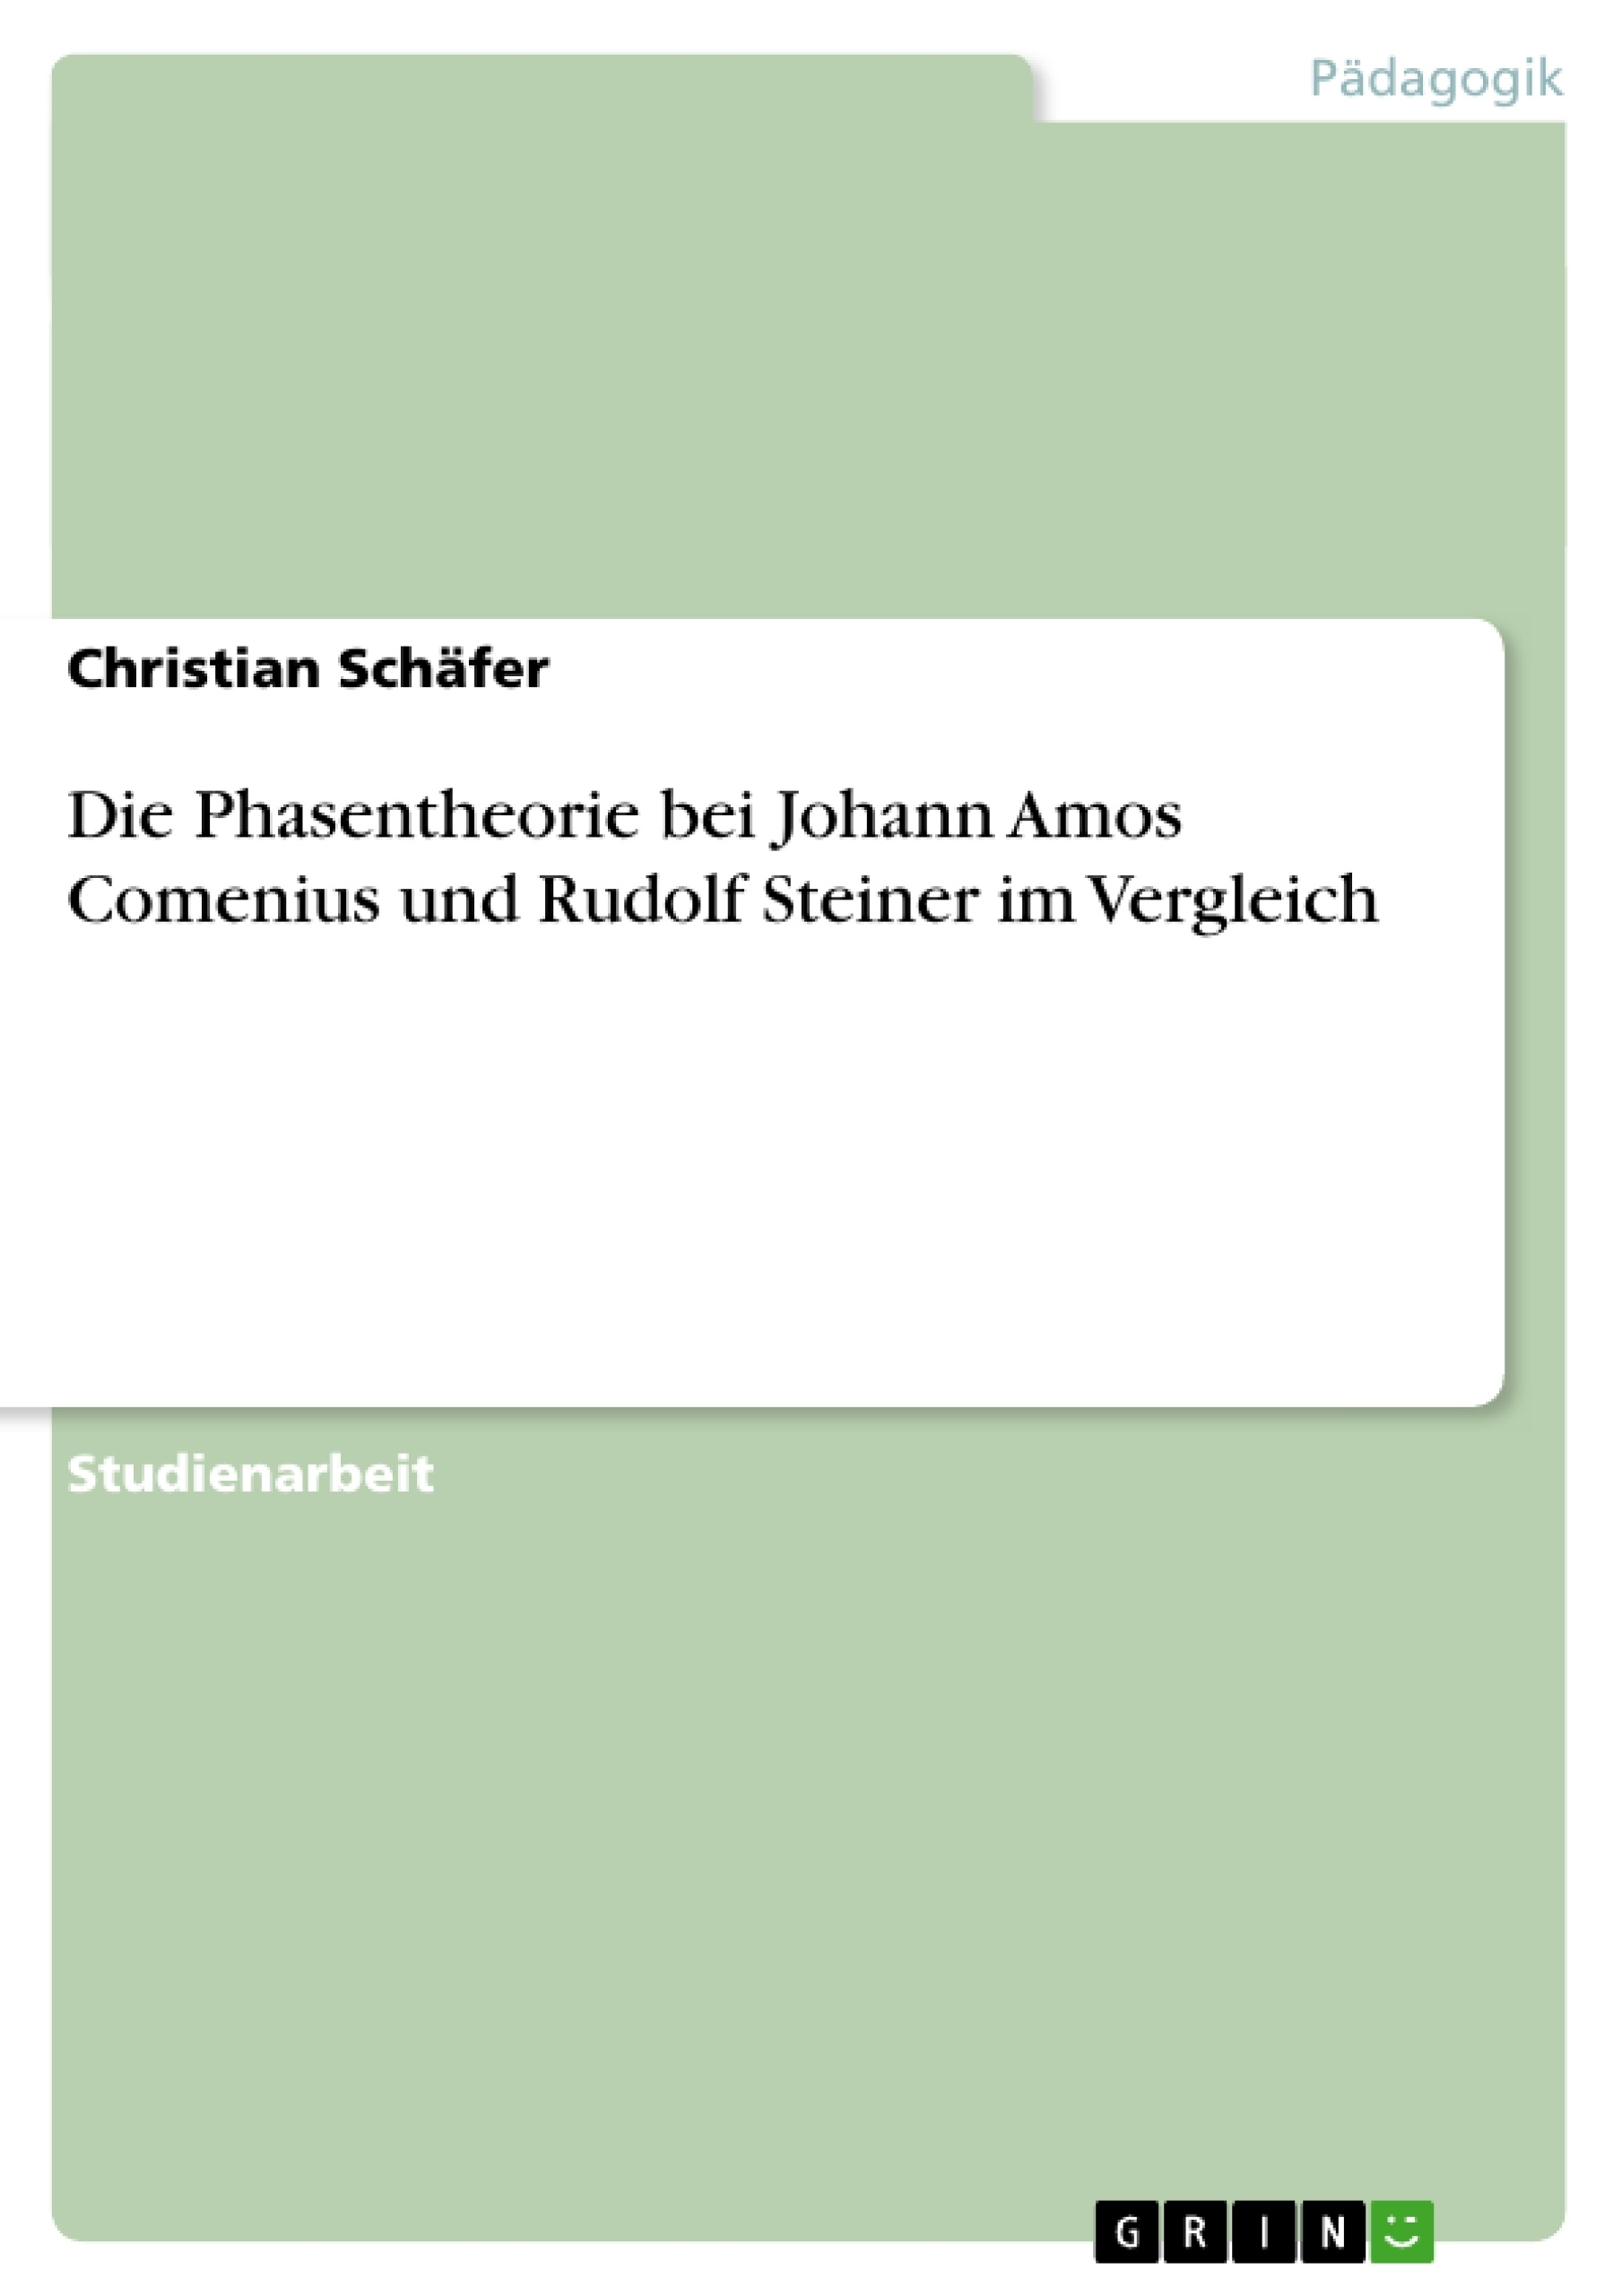 Titel: Die Phasentheorie bei Johann Amos Comenius und Rudolf Steiner im Vergleich